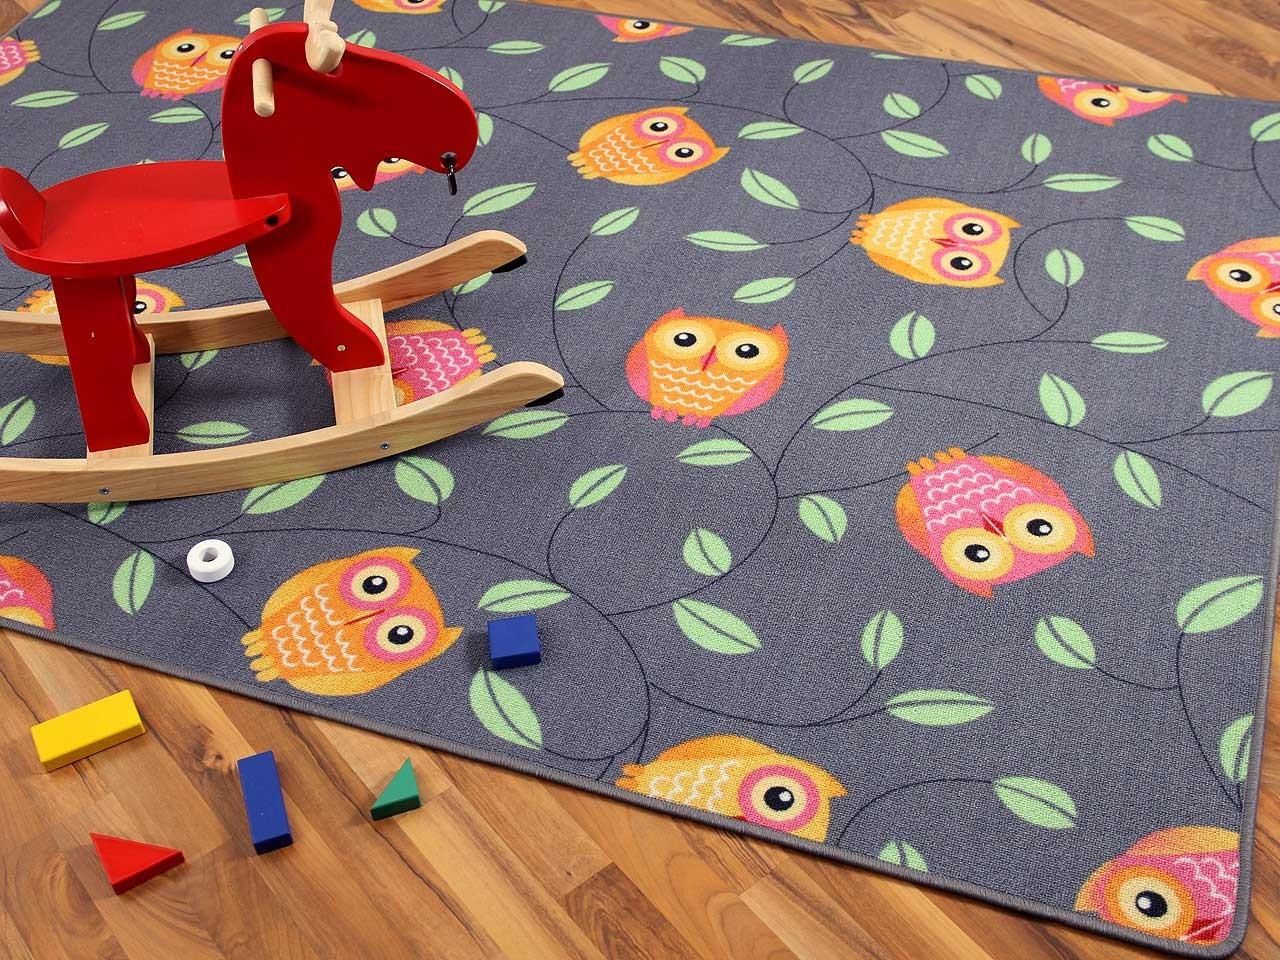 Full Size of Spielteppich Eule Grau In 24 Gren Teppiche Und Regal Kinderzimmer Regale Sofa Weiß Kinderzimmer Teppichboden Kinderzimmer